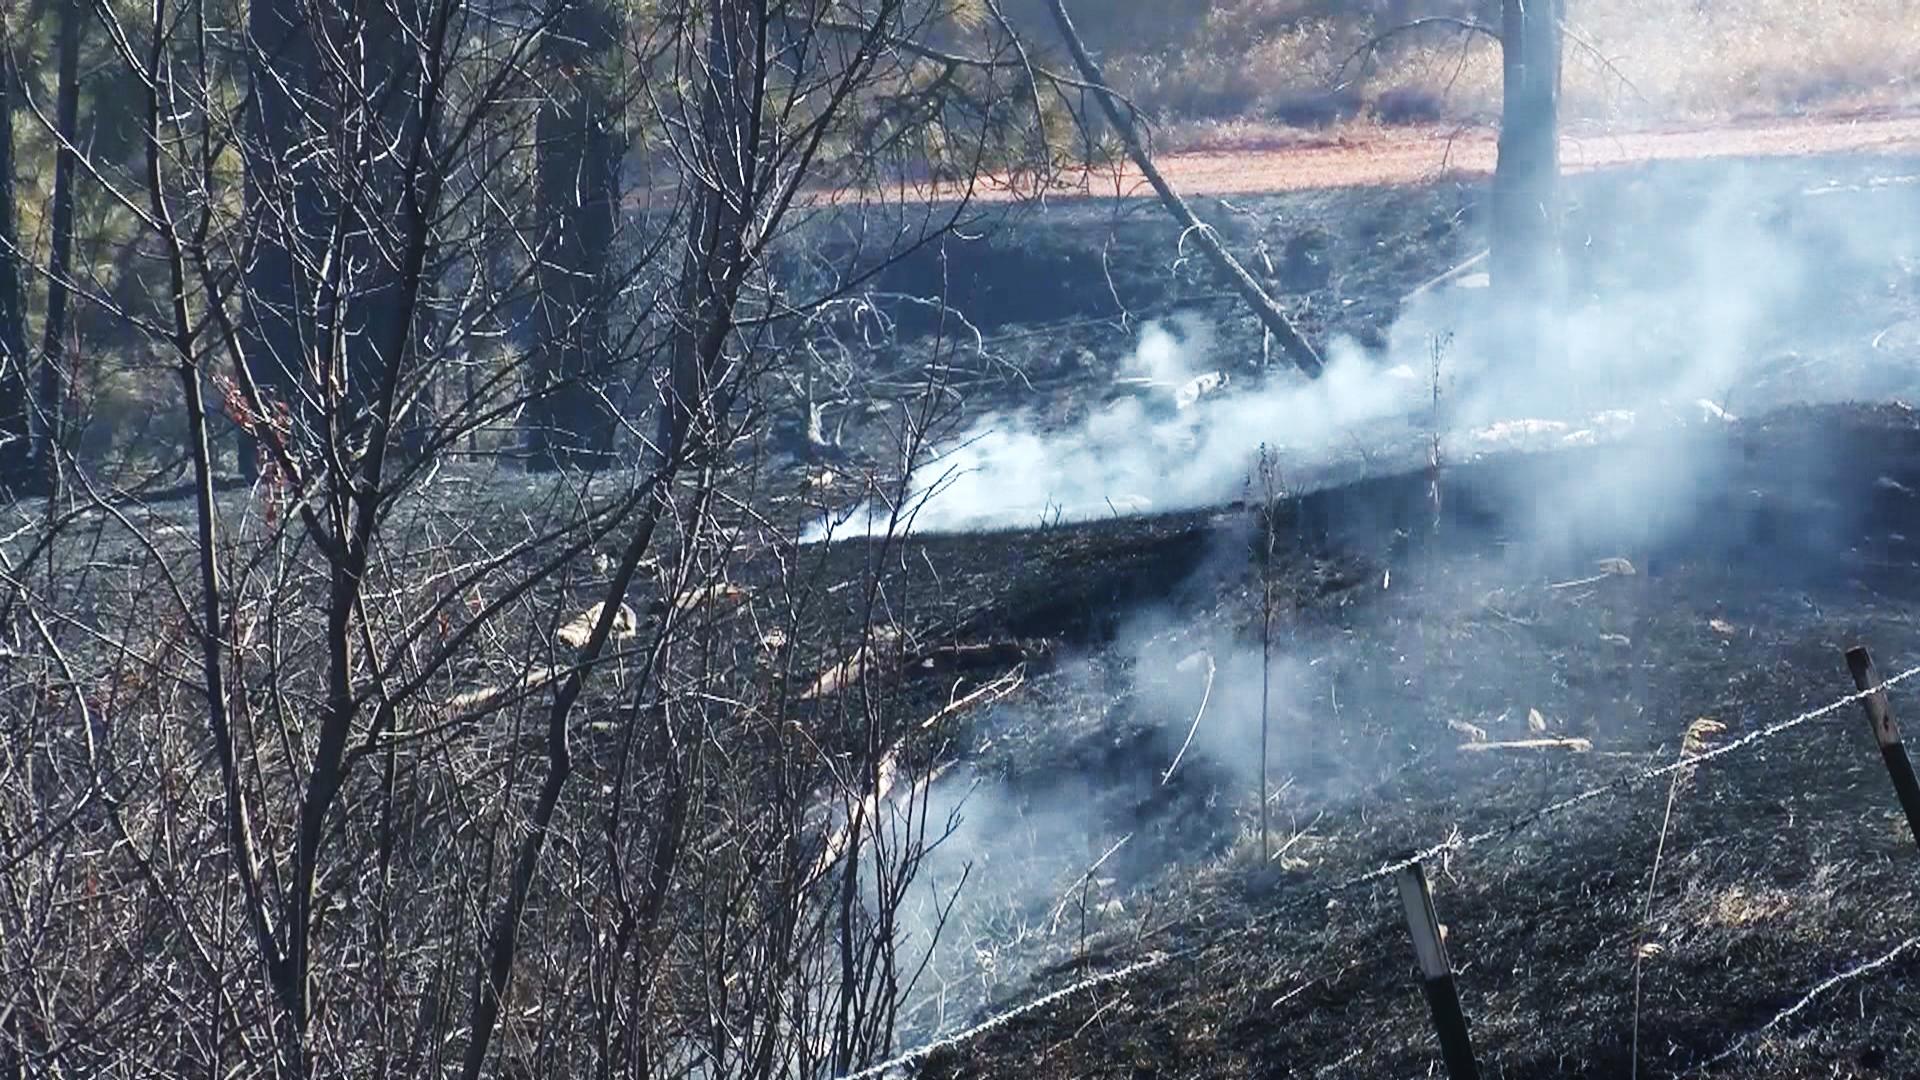 Schroeder fire burn area